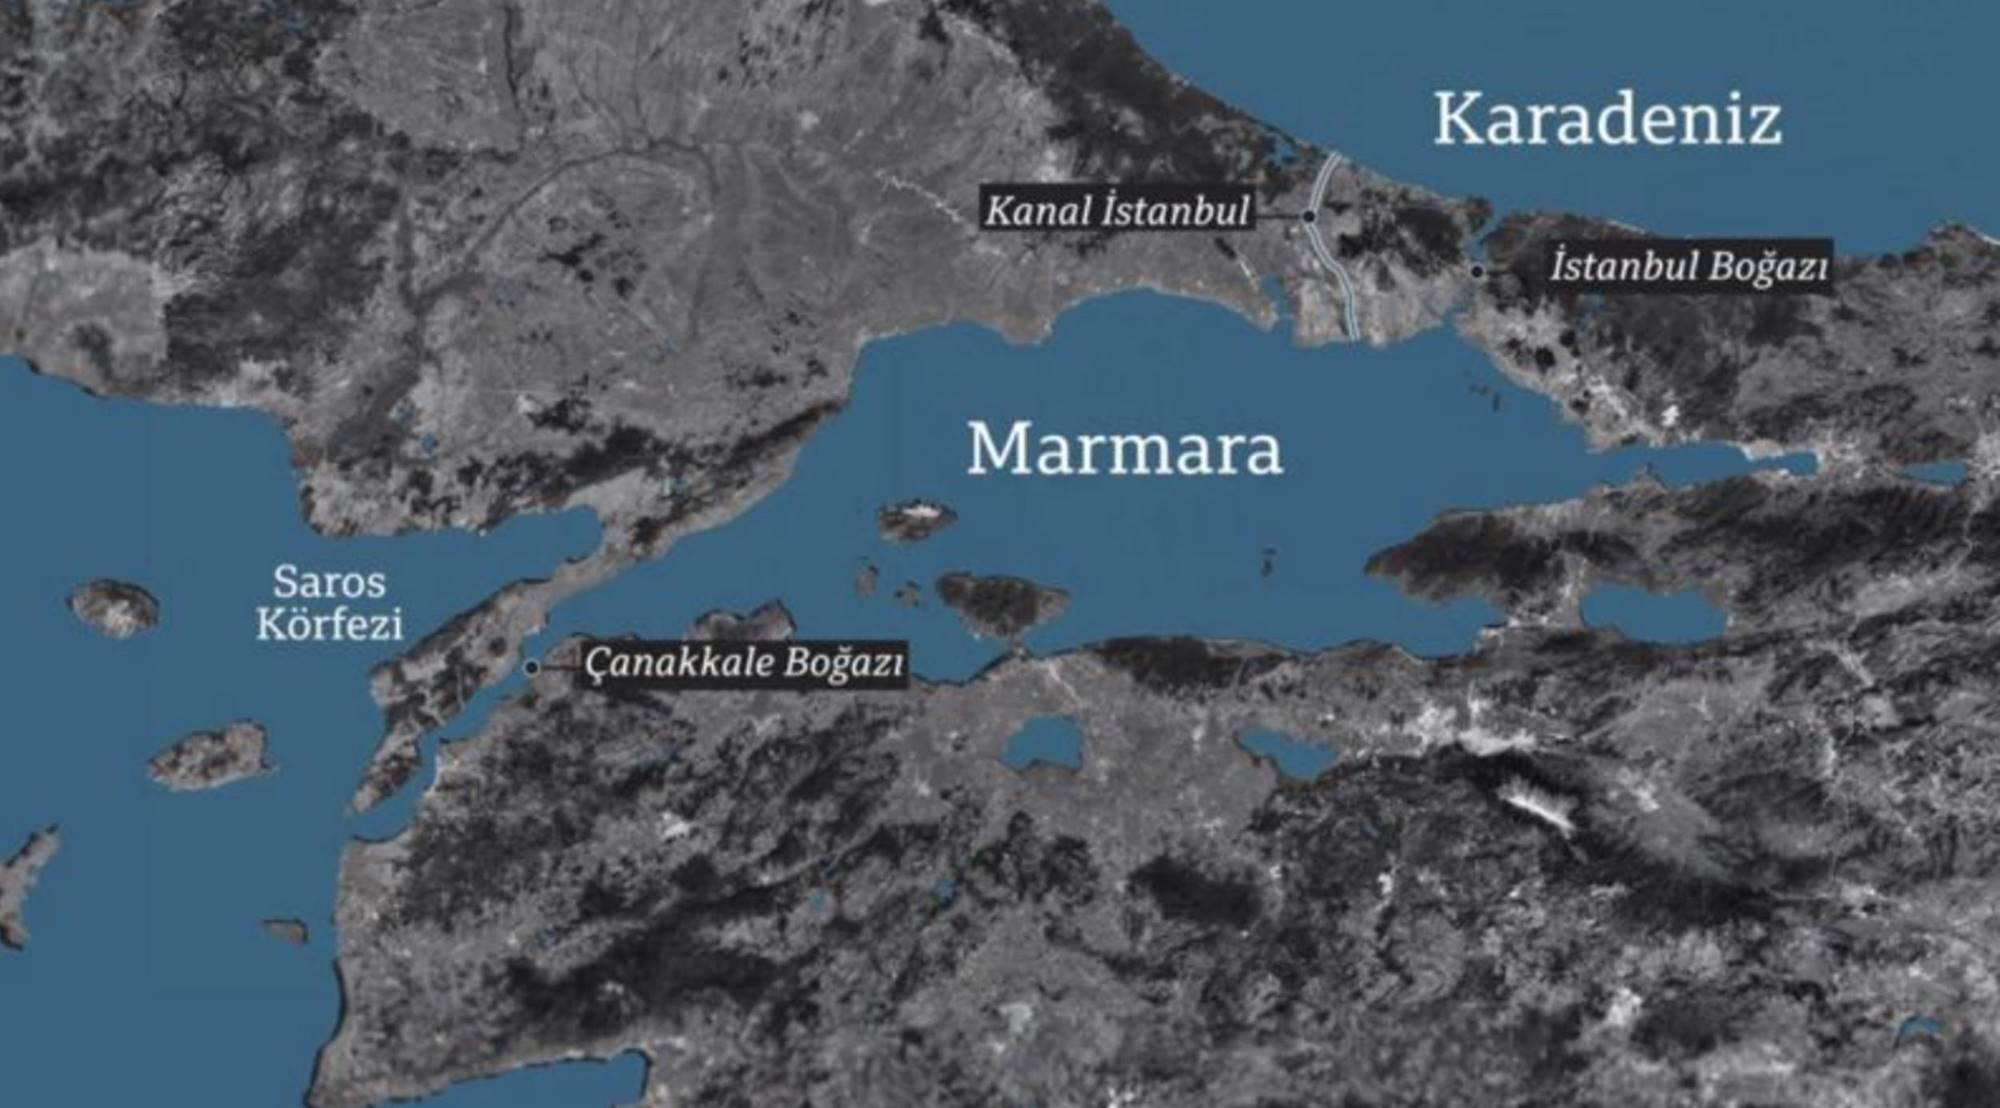 Montrö Sözleşmesi Türkiye'ye hangi hak ve yetkileri sağlıyor?